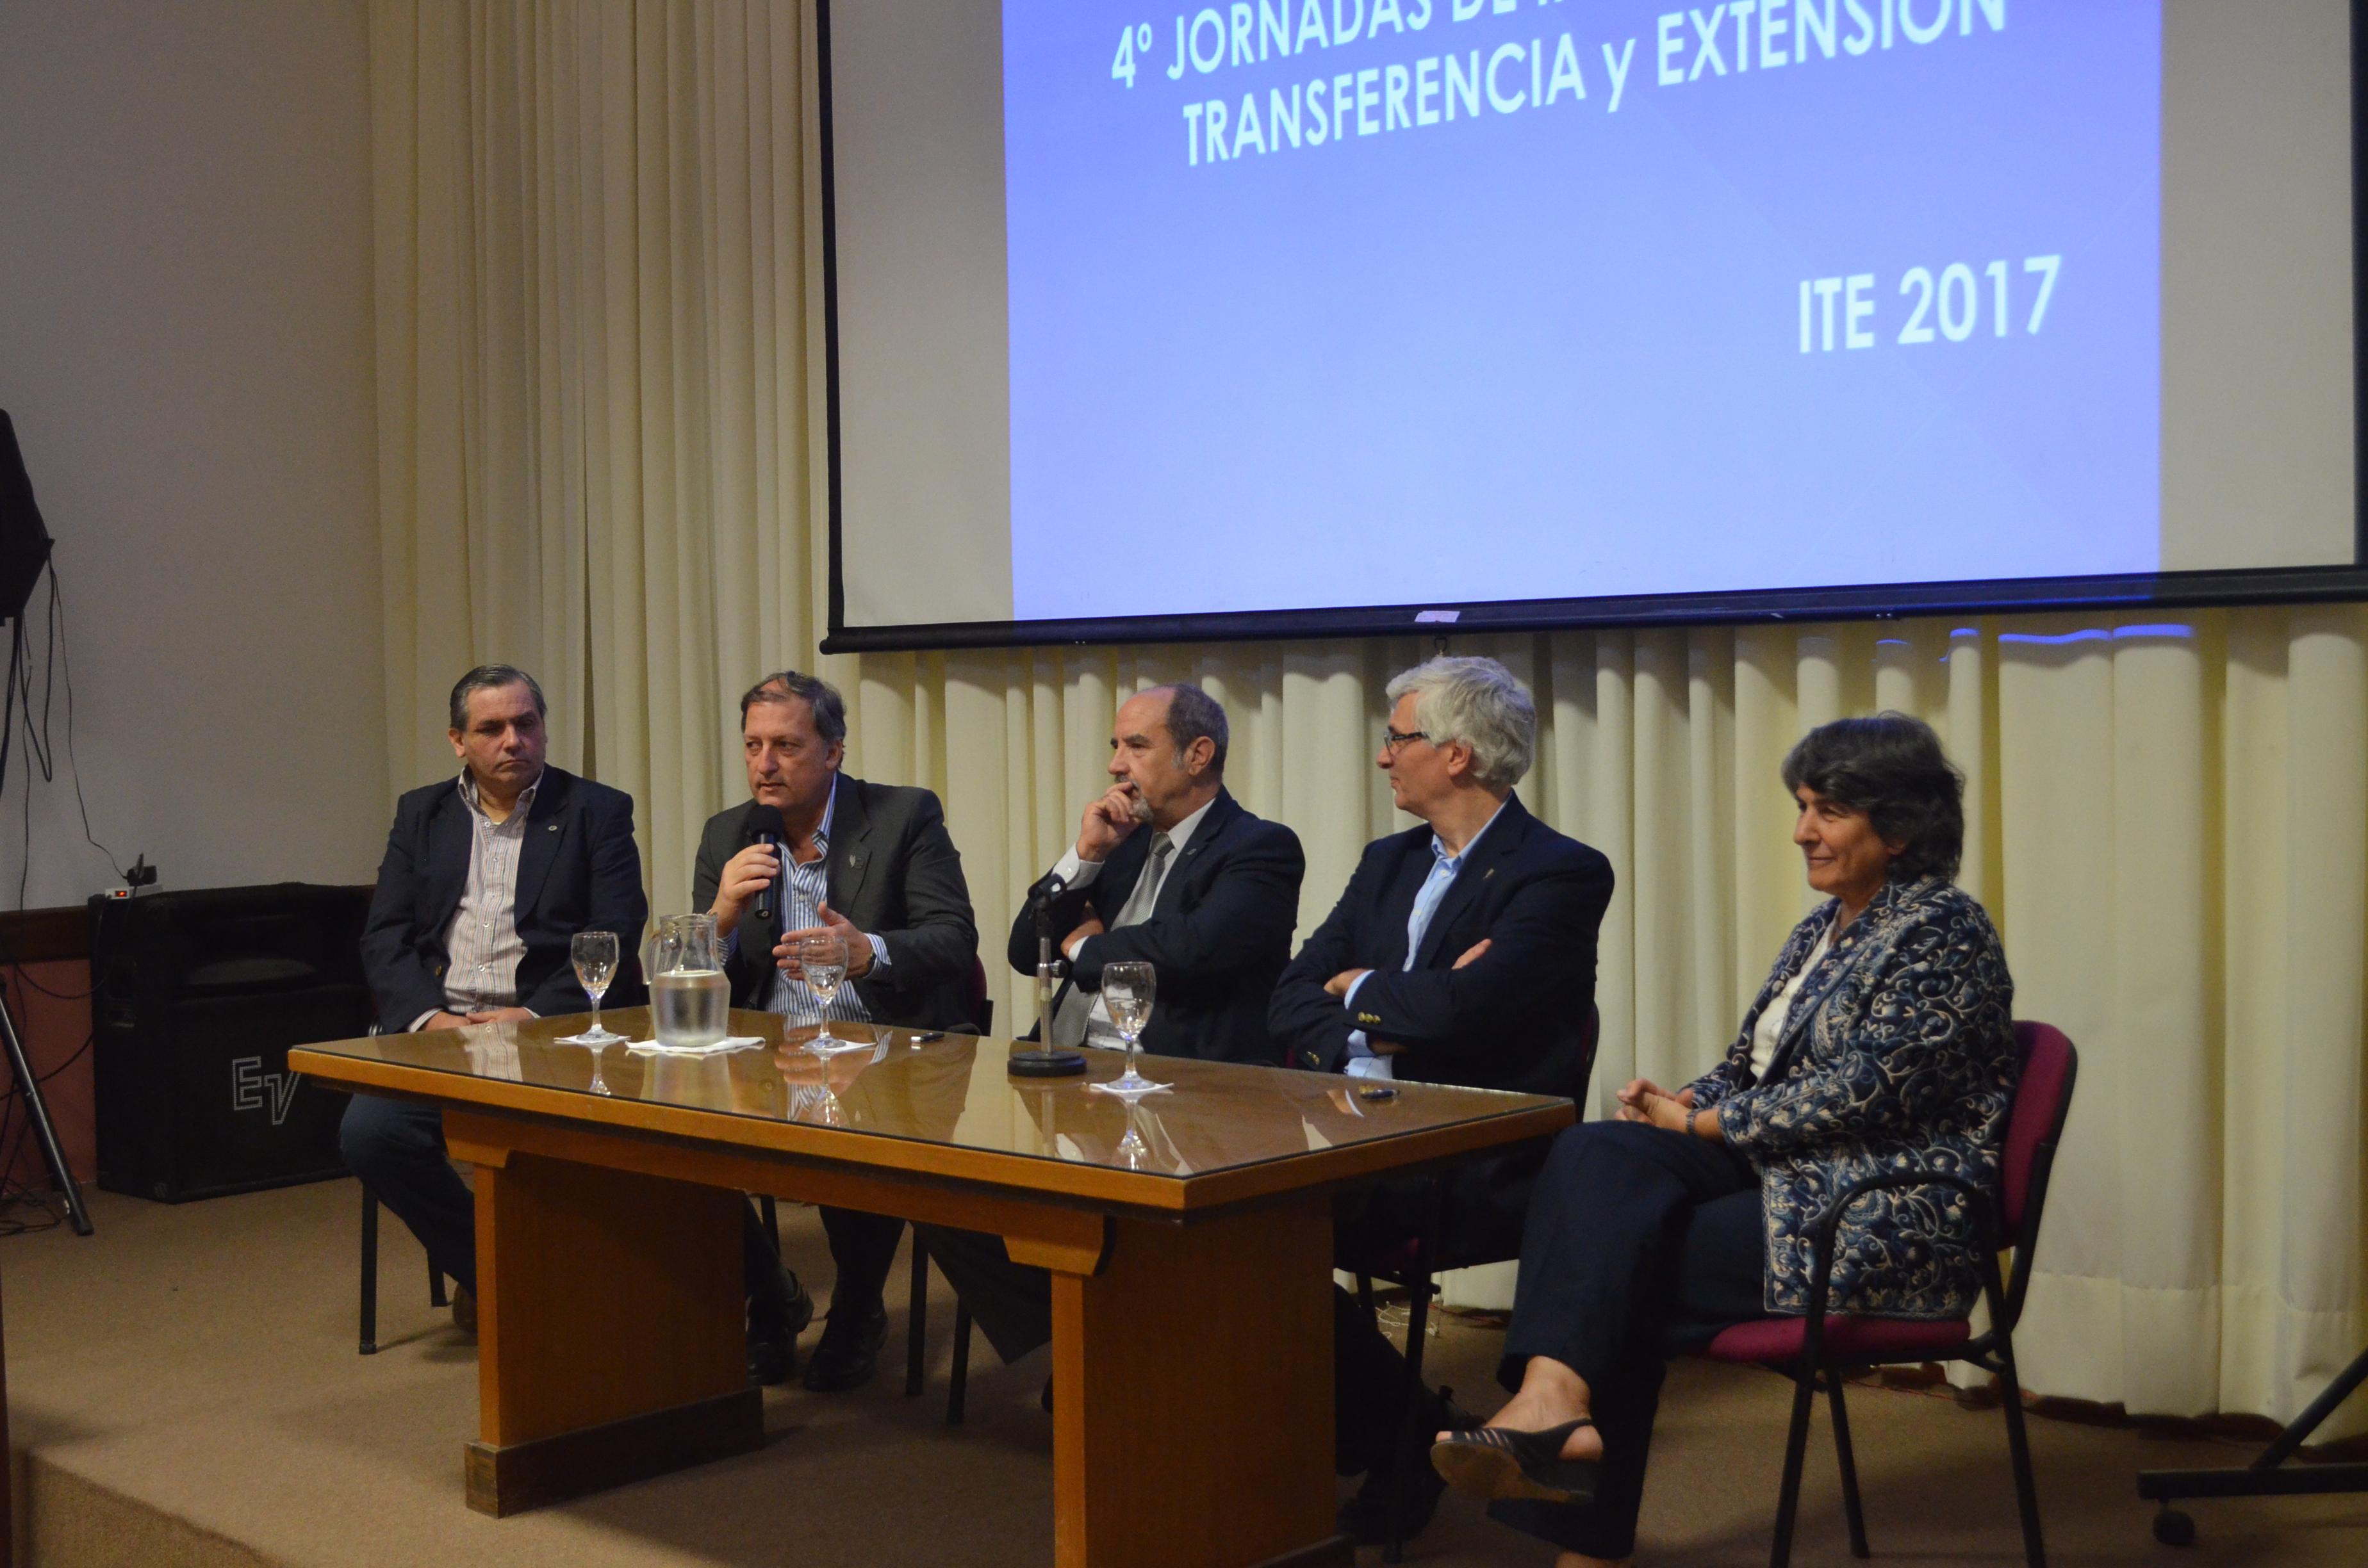 UNLP / Ingeniería inauguró sus cuartas jornadas de investigación, transferencia y extensión